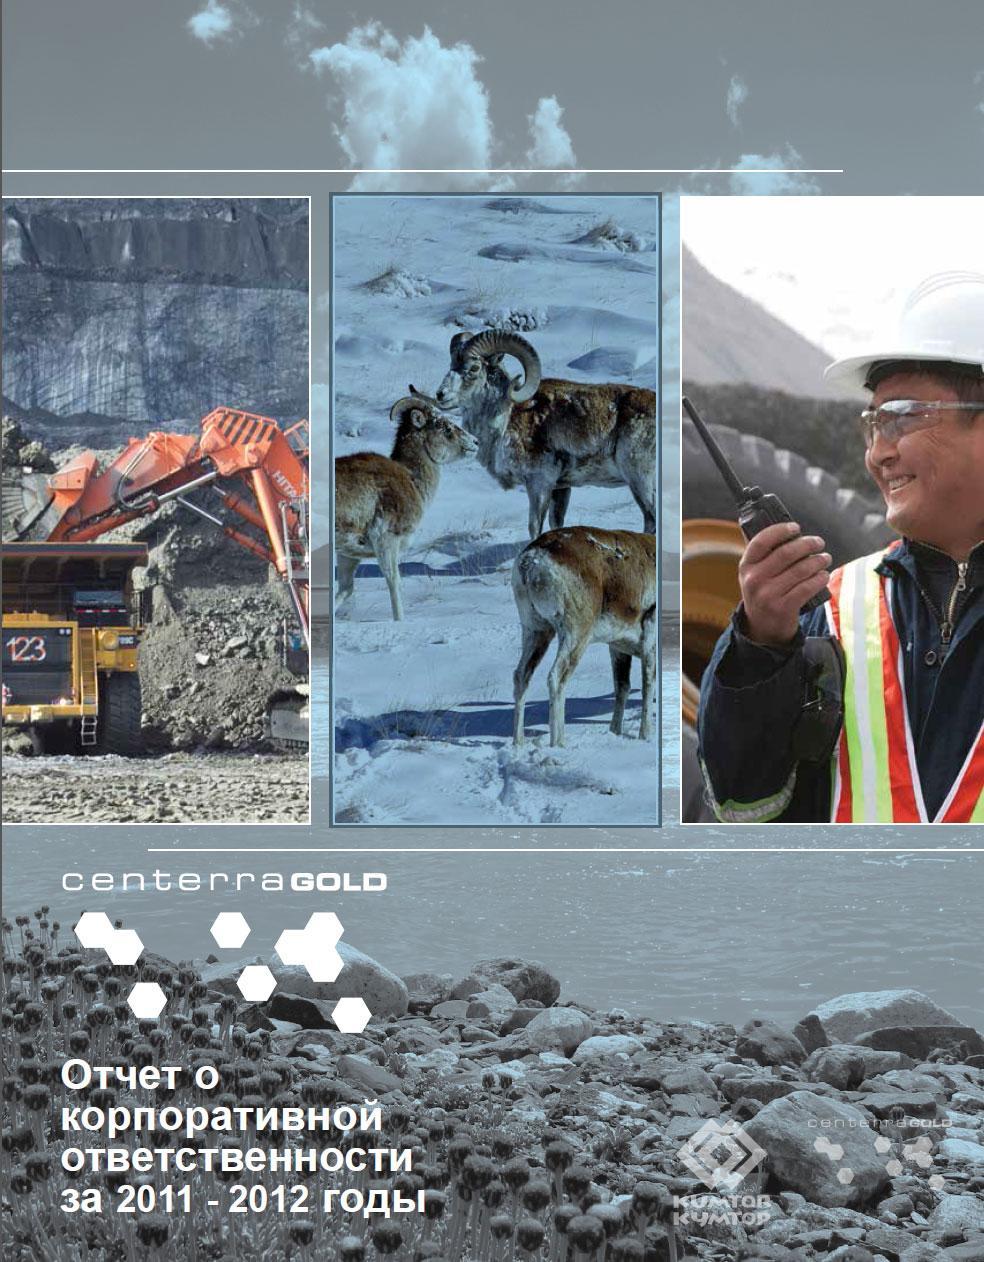 Отчет о корпоративной ответственности за 2011 - 2012 годы